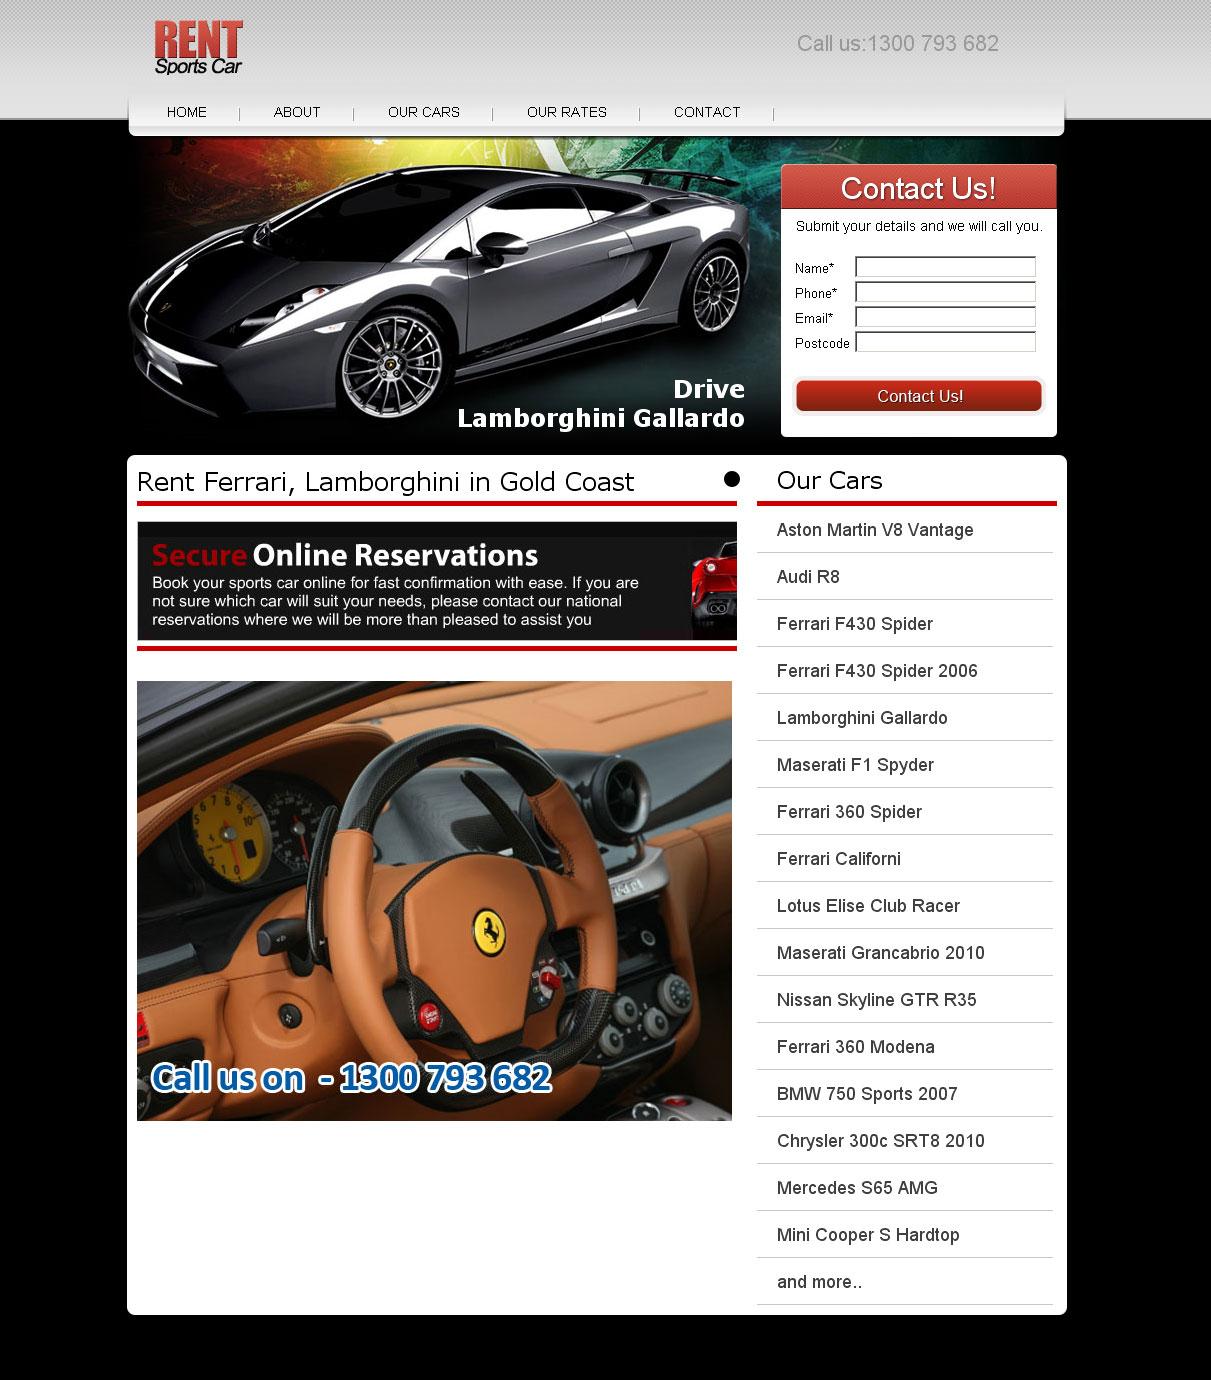 Rent Ferrari website design Melbourne